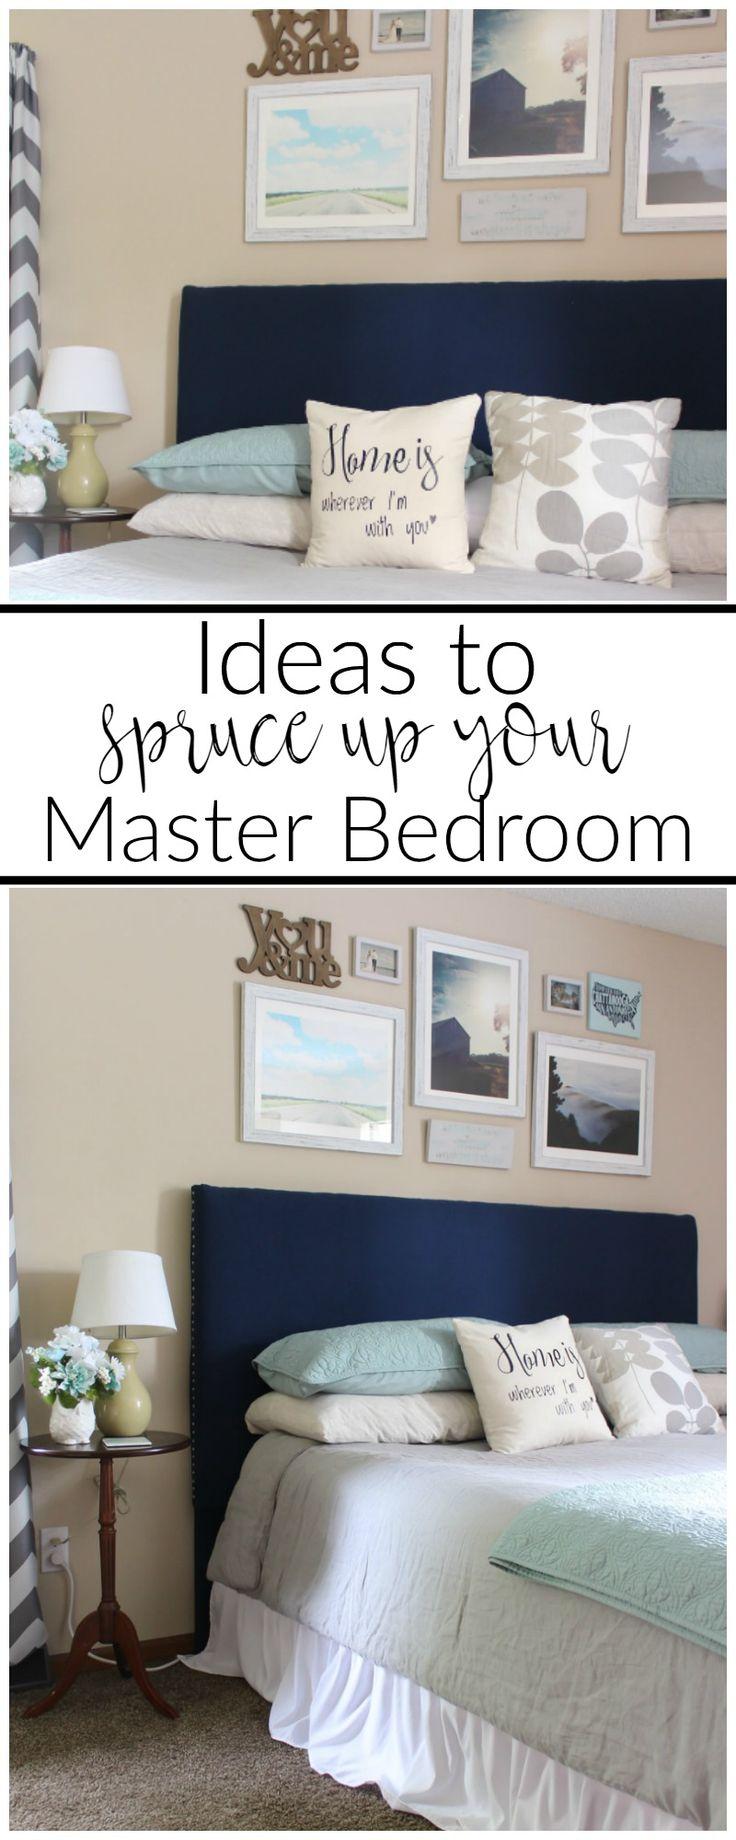 Master Bedroom Organization Ideas 838 best bedroom images on pinterest | master bedrooms, bedroom